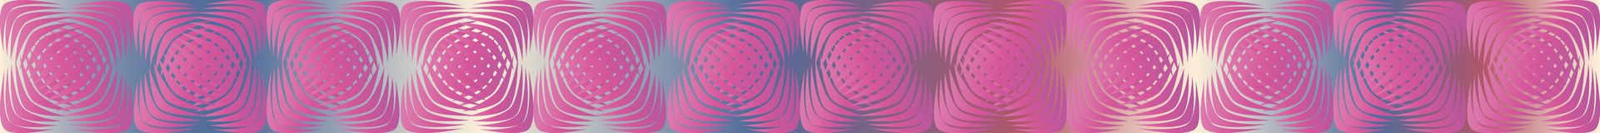 Geometrische patronen met gradiëntvulling 8 Stock Afbeelding